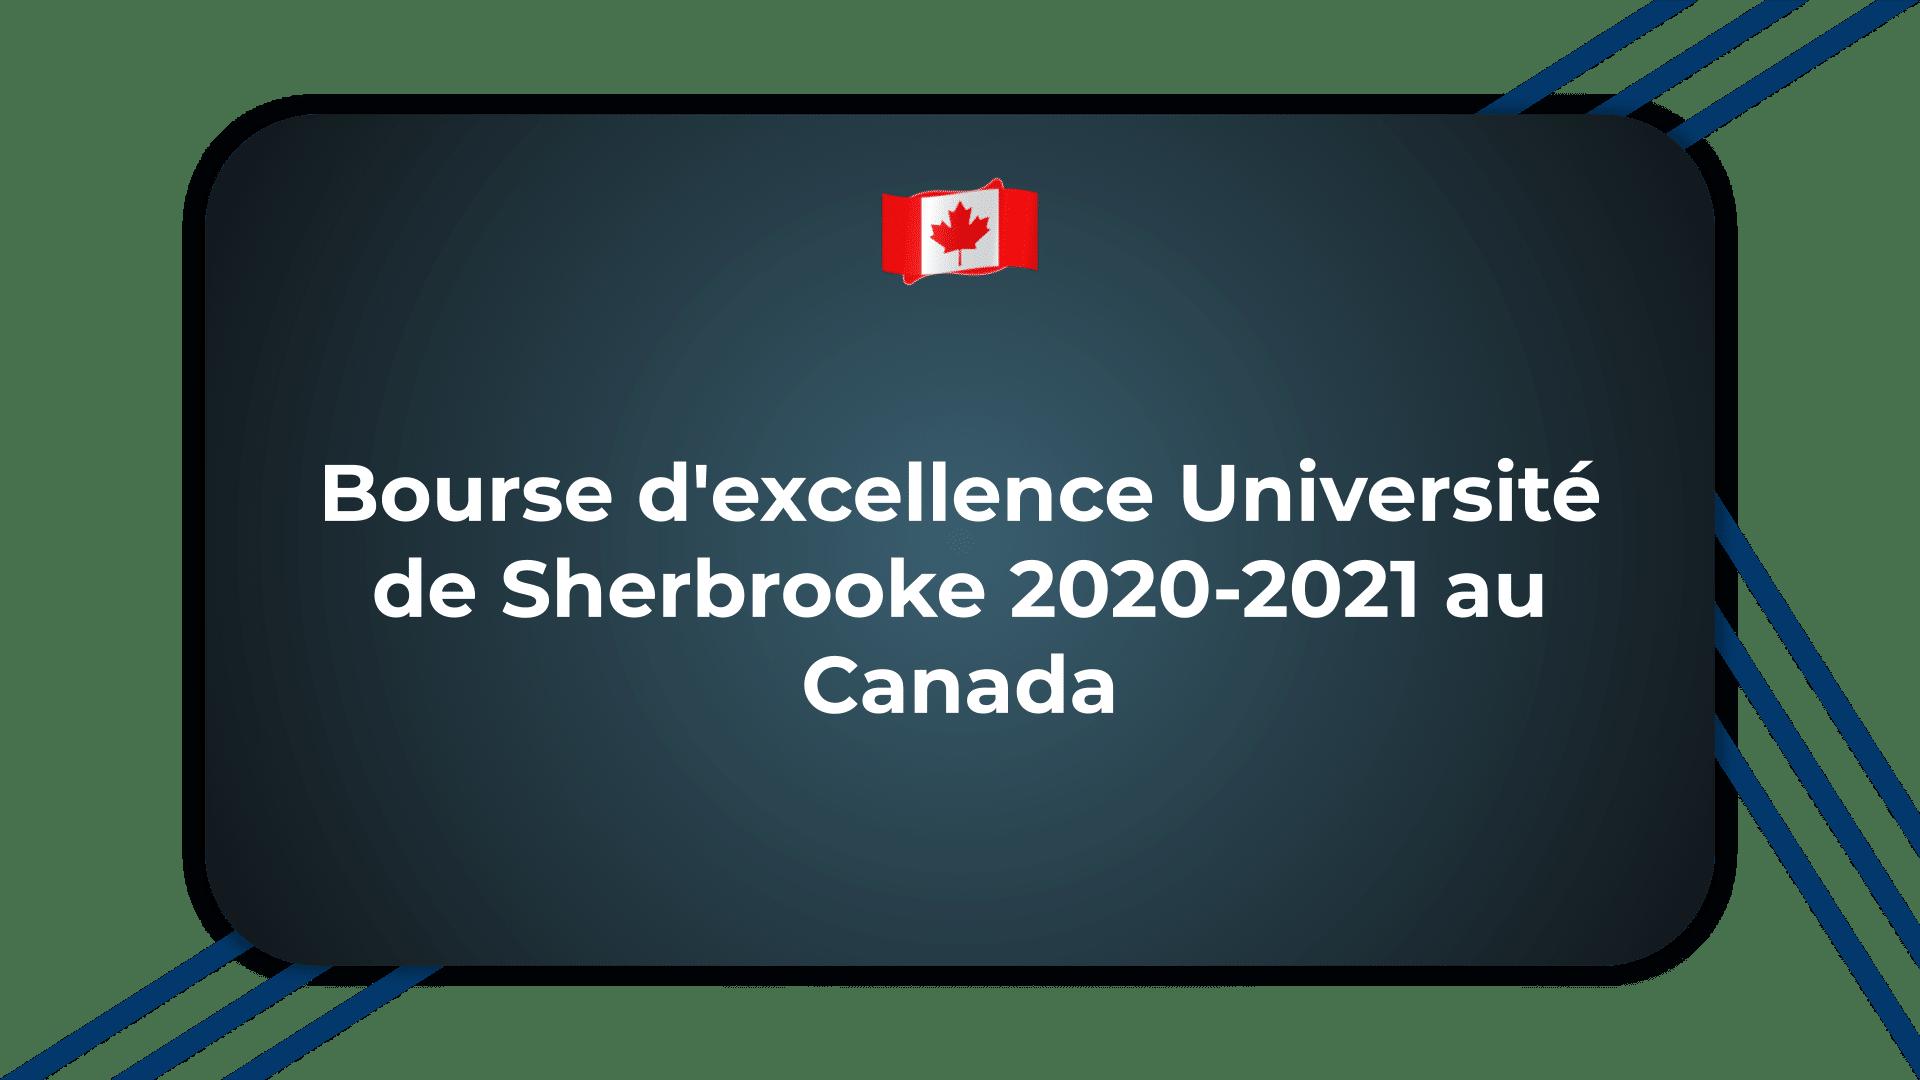 Bourse d'excellence Université de Sherbrooke